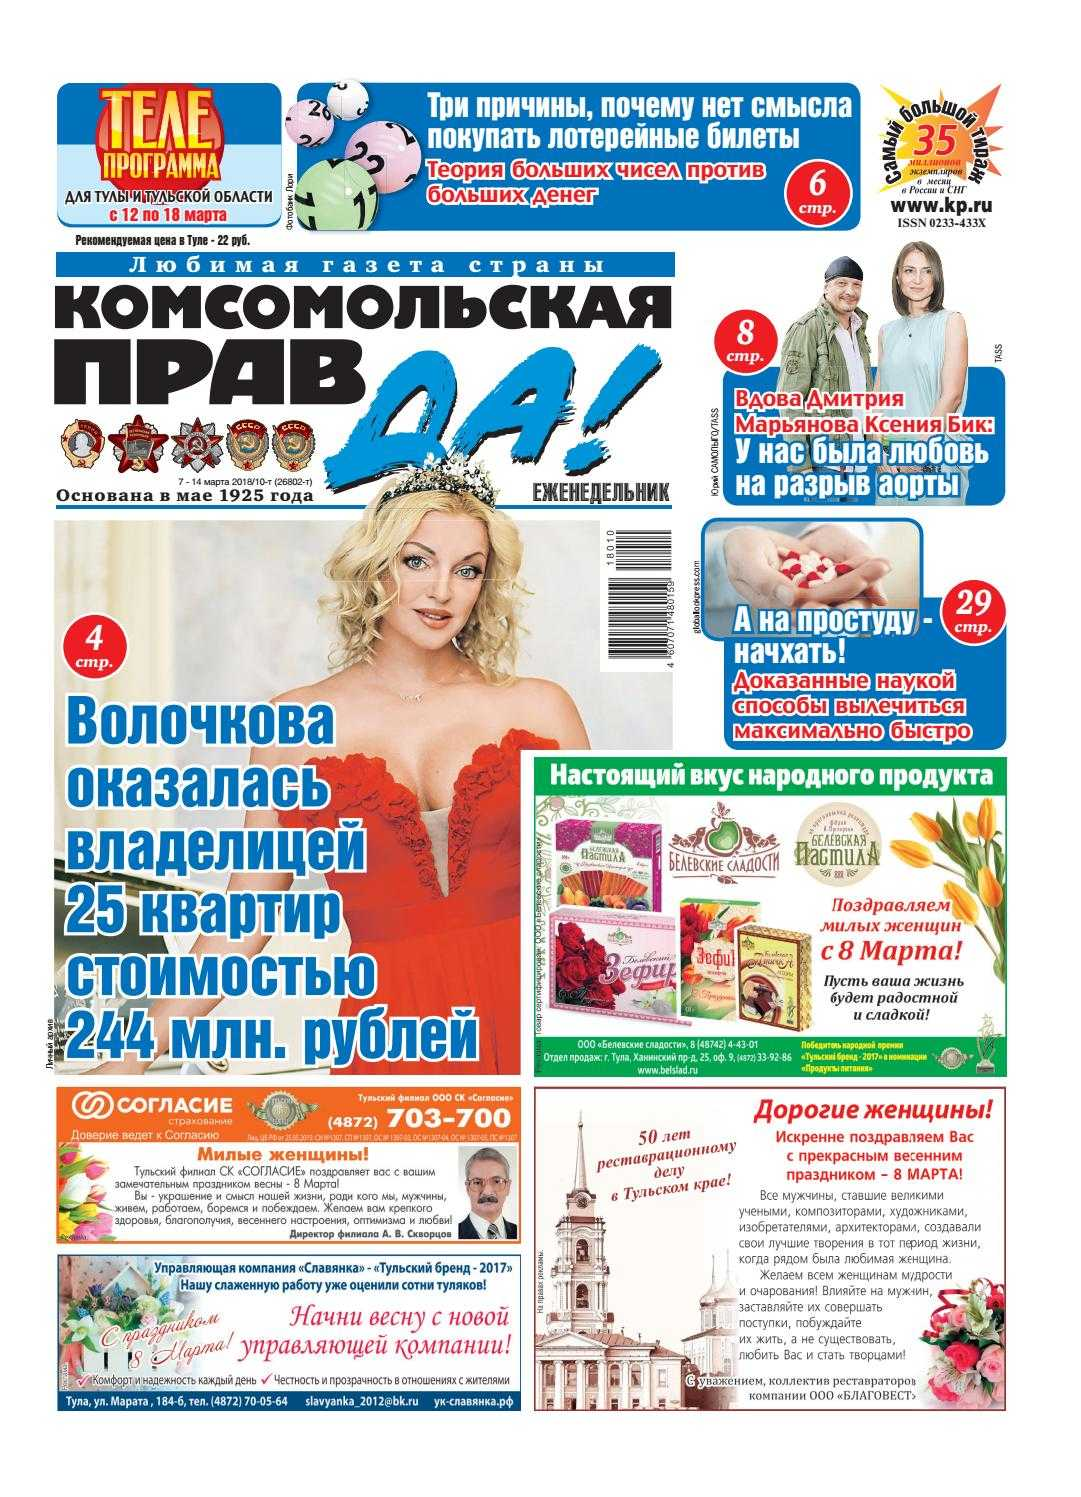 Кто не забрал 18 миллионов рублей?